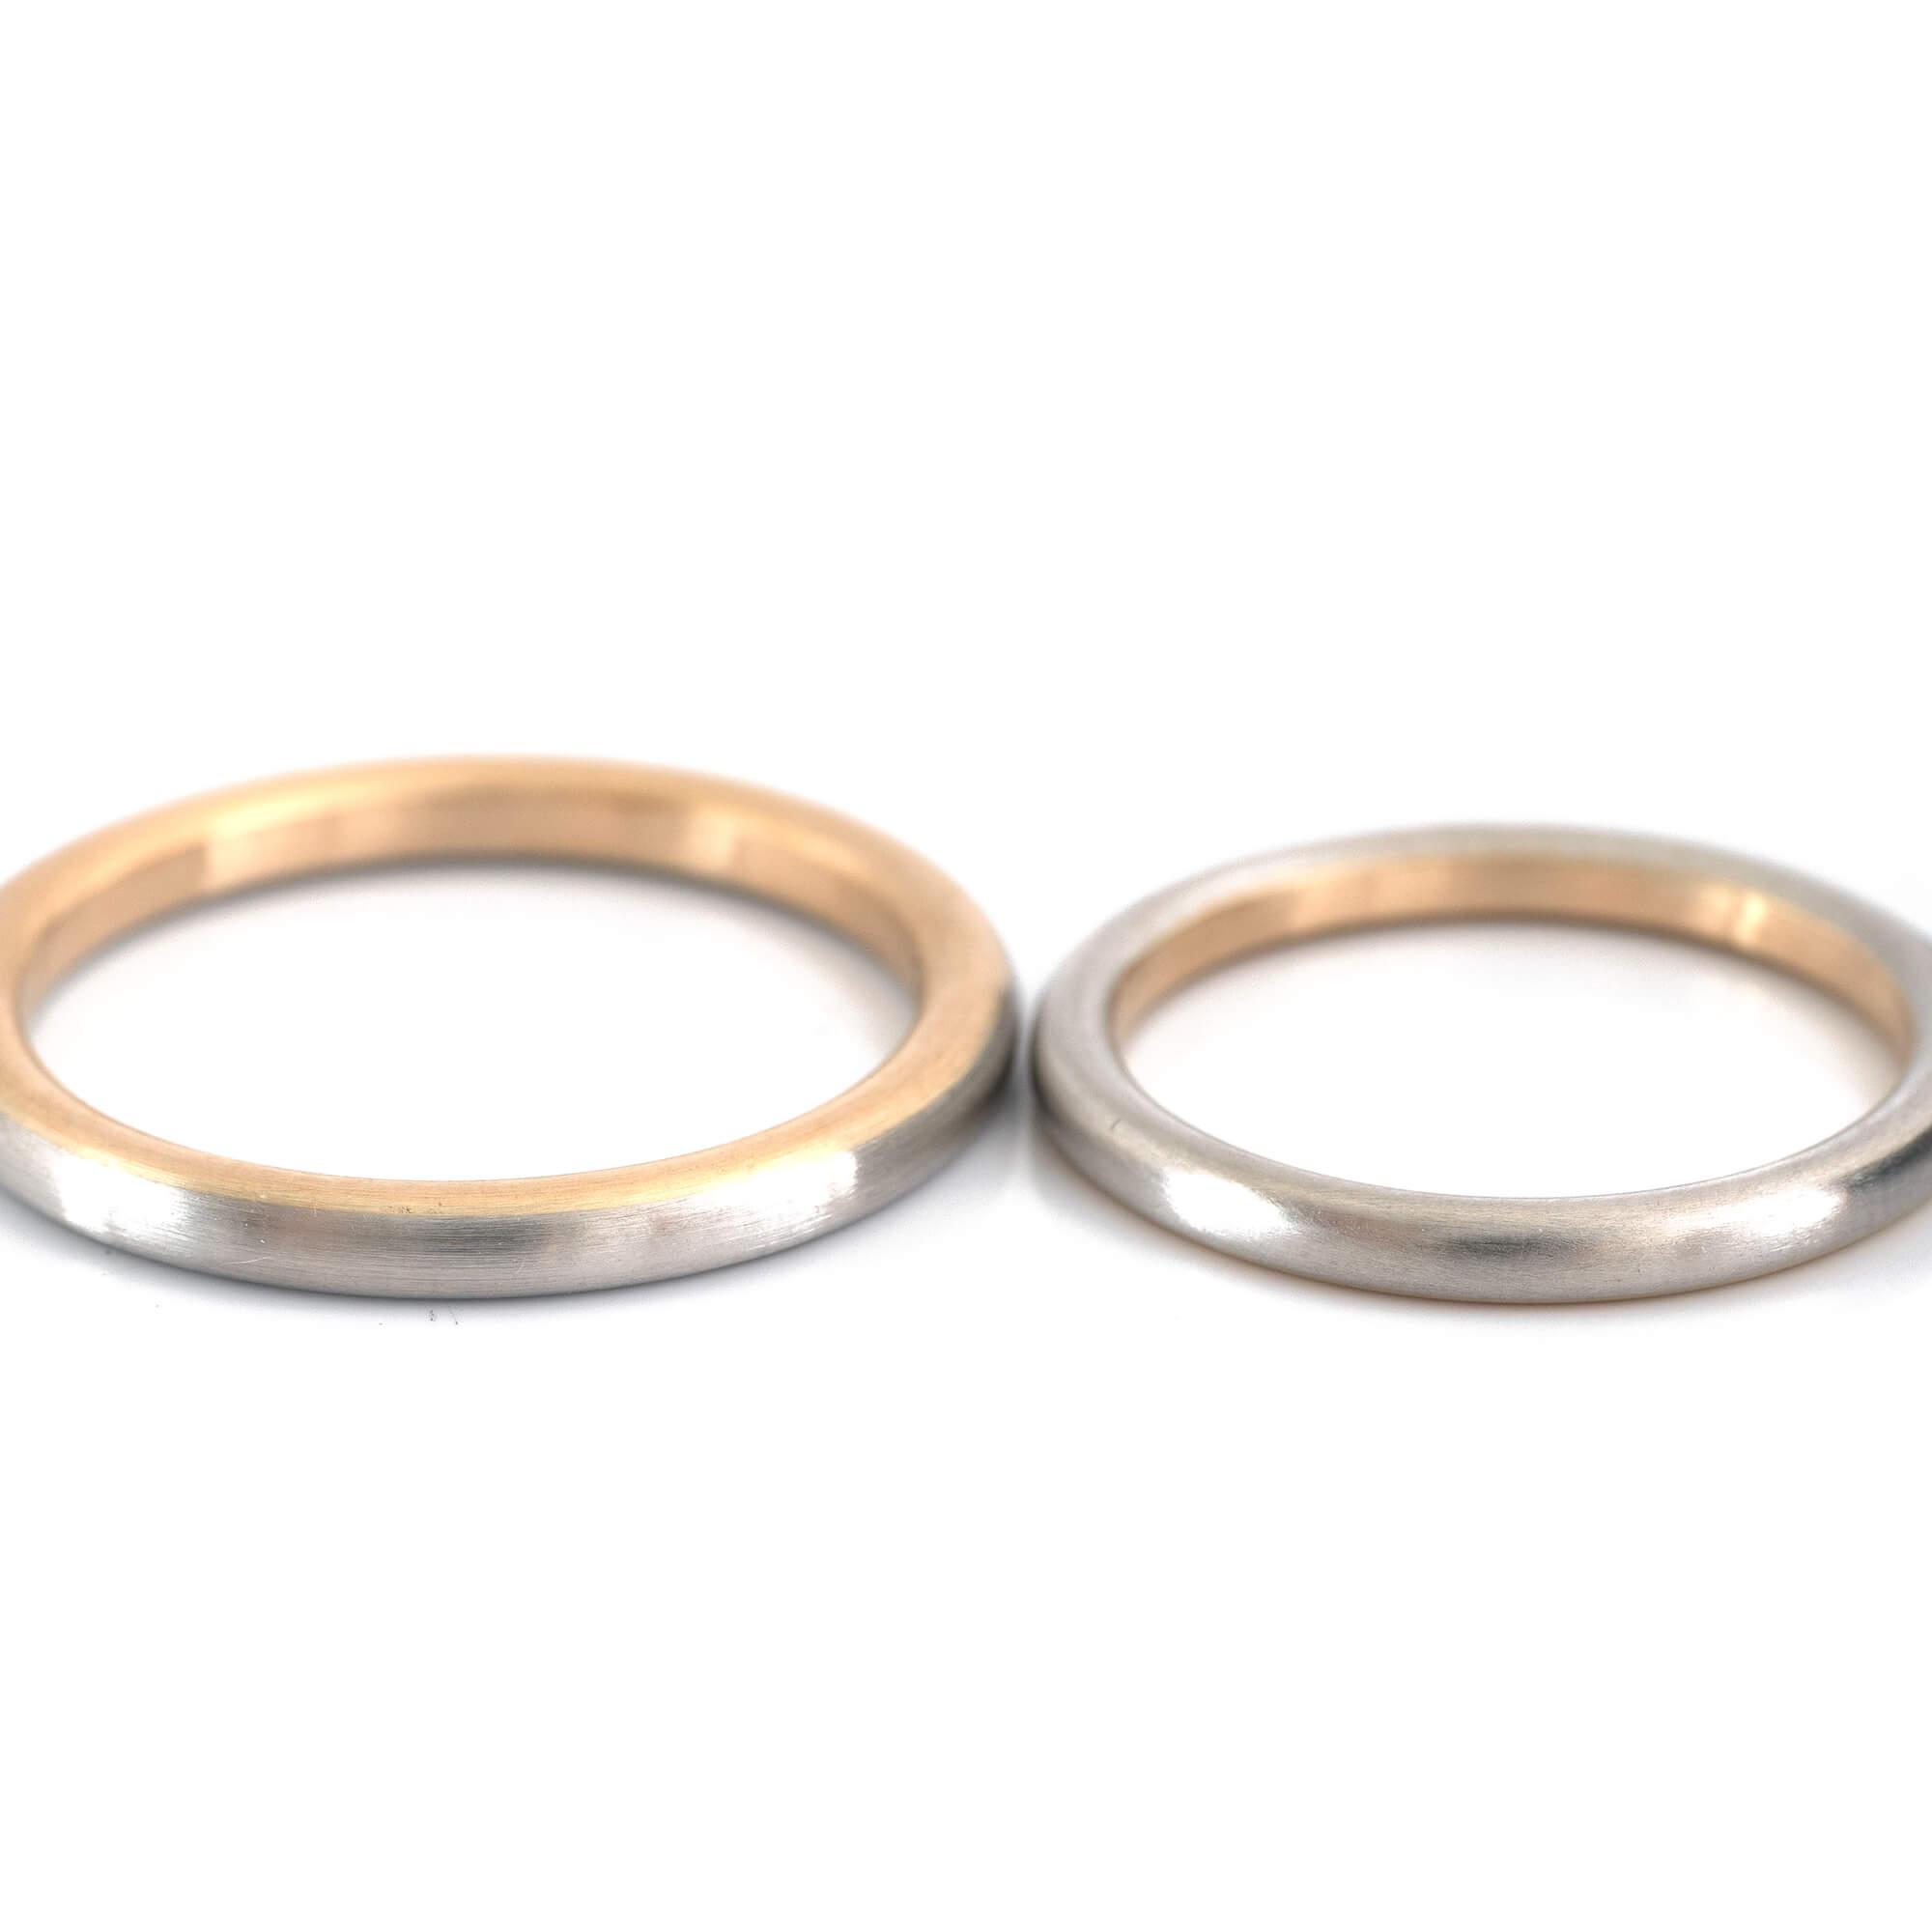 オーダーメイドマリッジリング 白バック ゴールド、プラチナ 屋久島の水平線モチーフ 屋久島でつくる結婚指輪